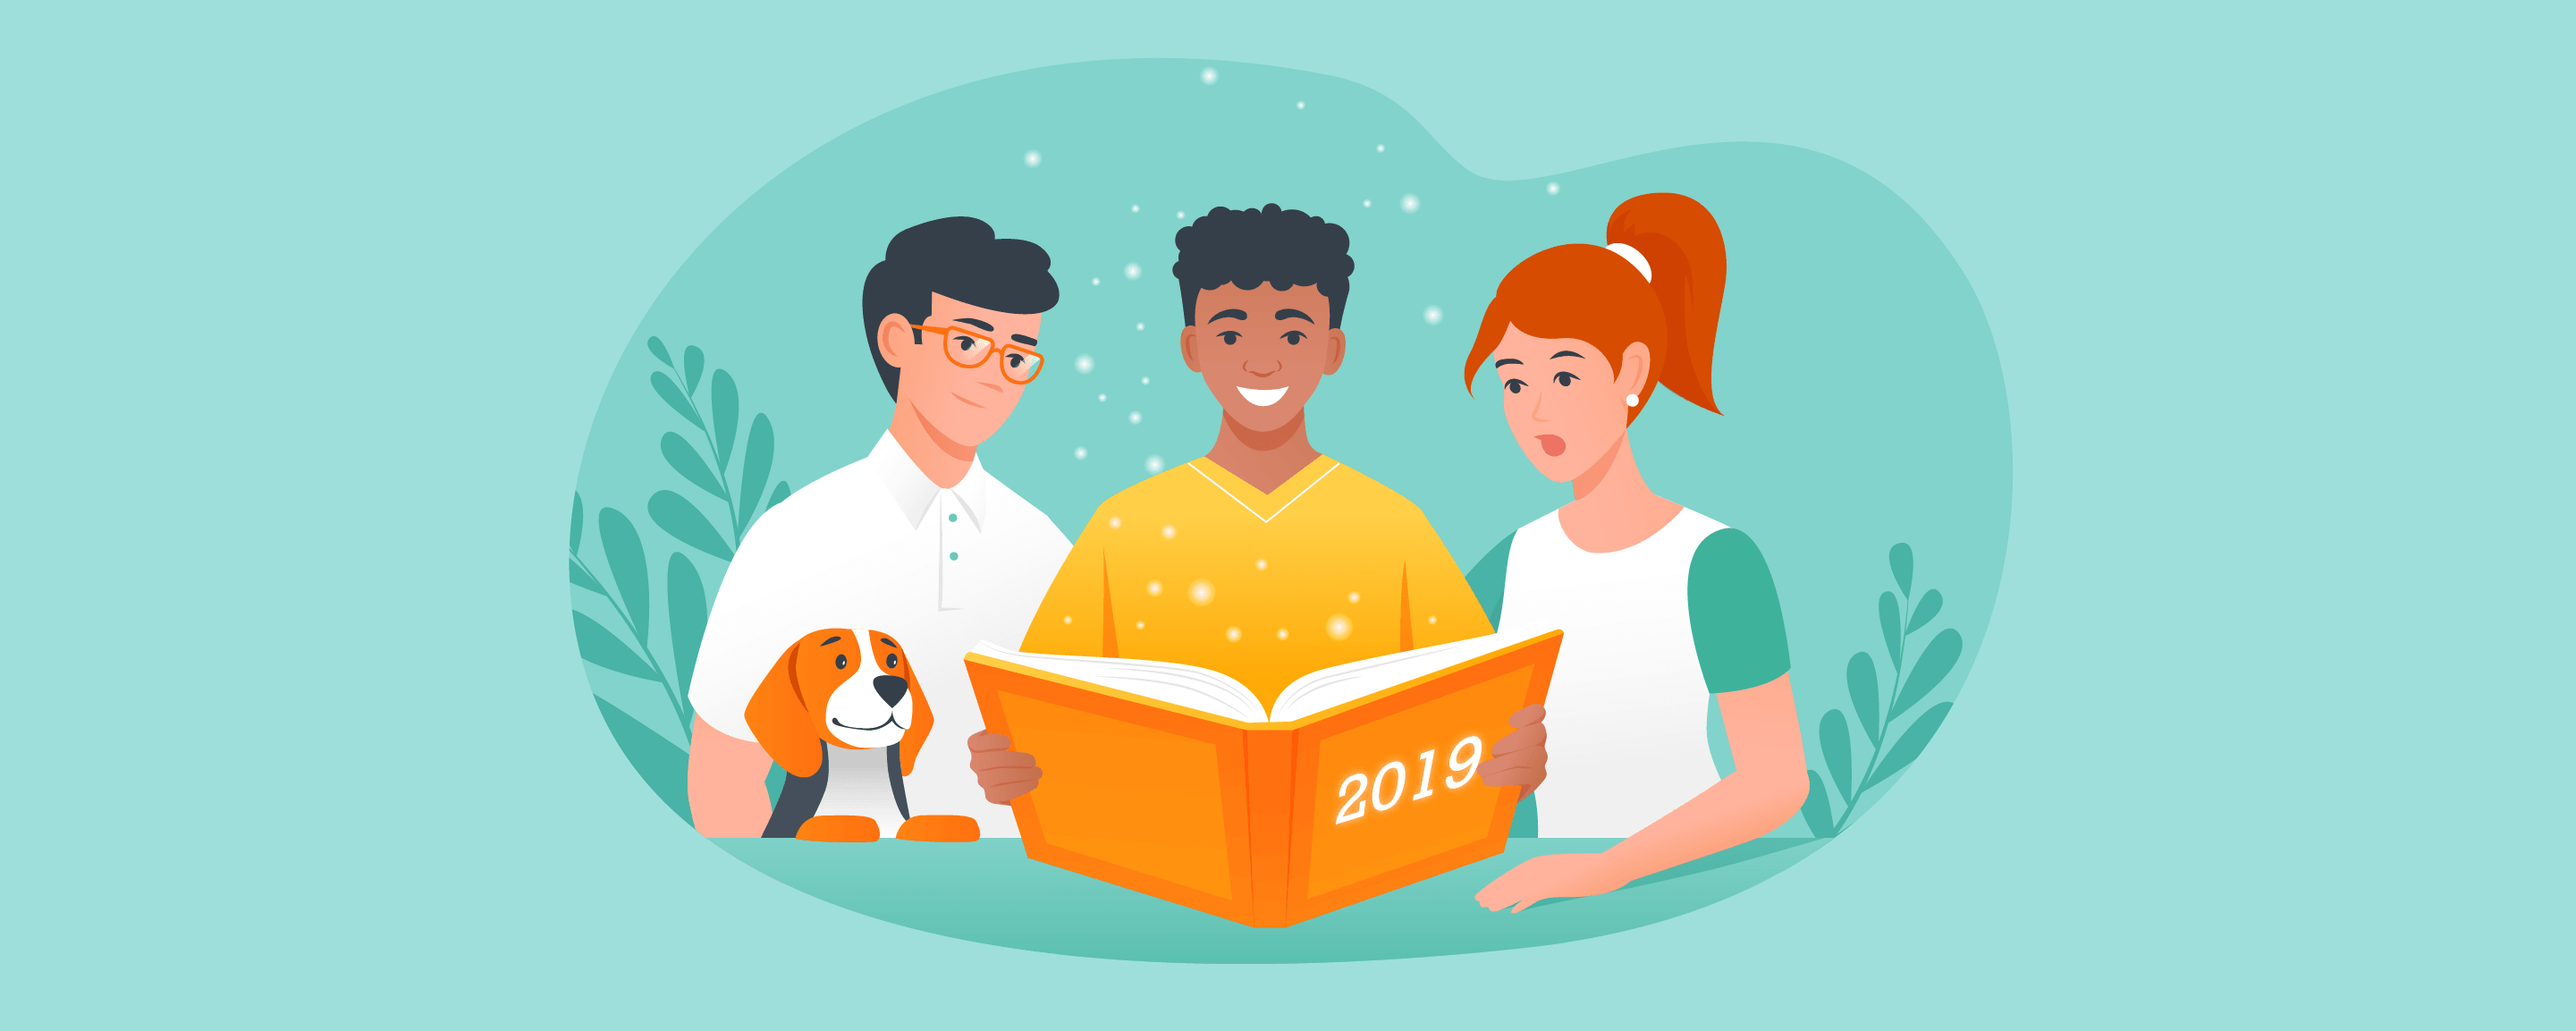 10 лучших статей в блоге Эквида за 2019 год